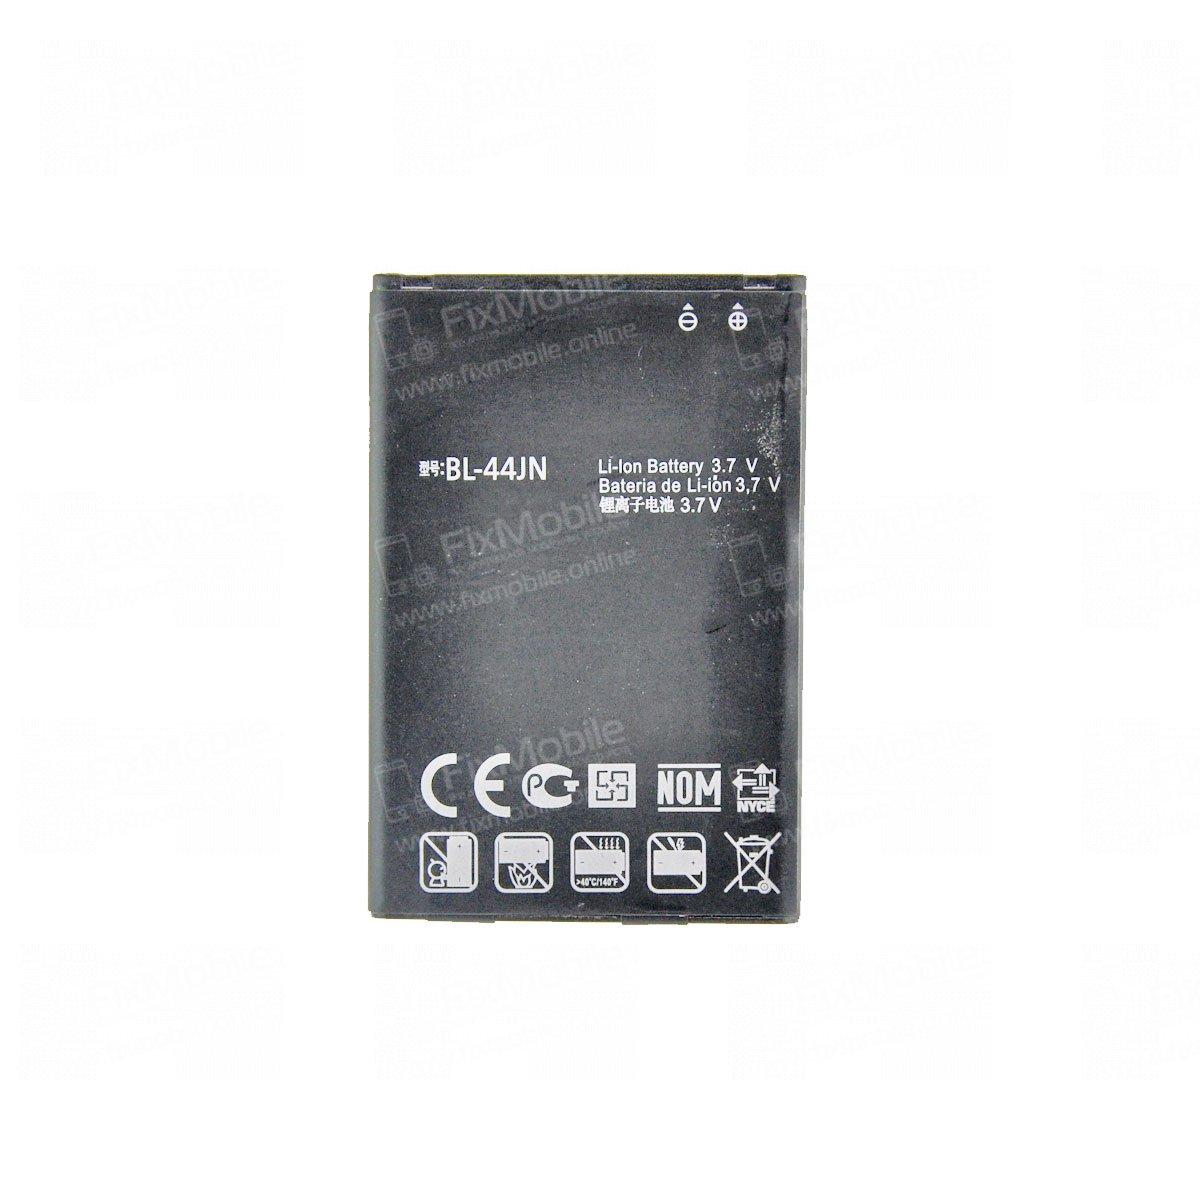 Аккумуляторная батарея для LG Optimus Sol (E730) BL-44JN